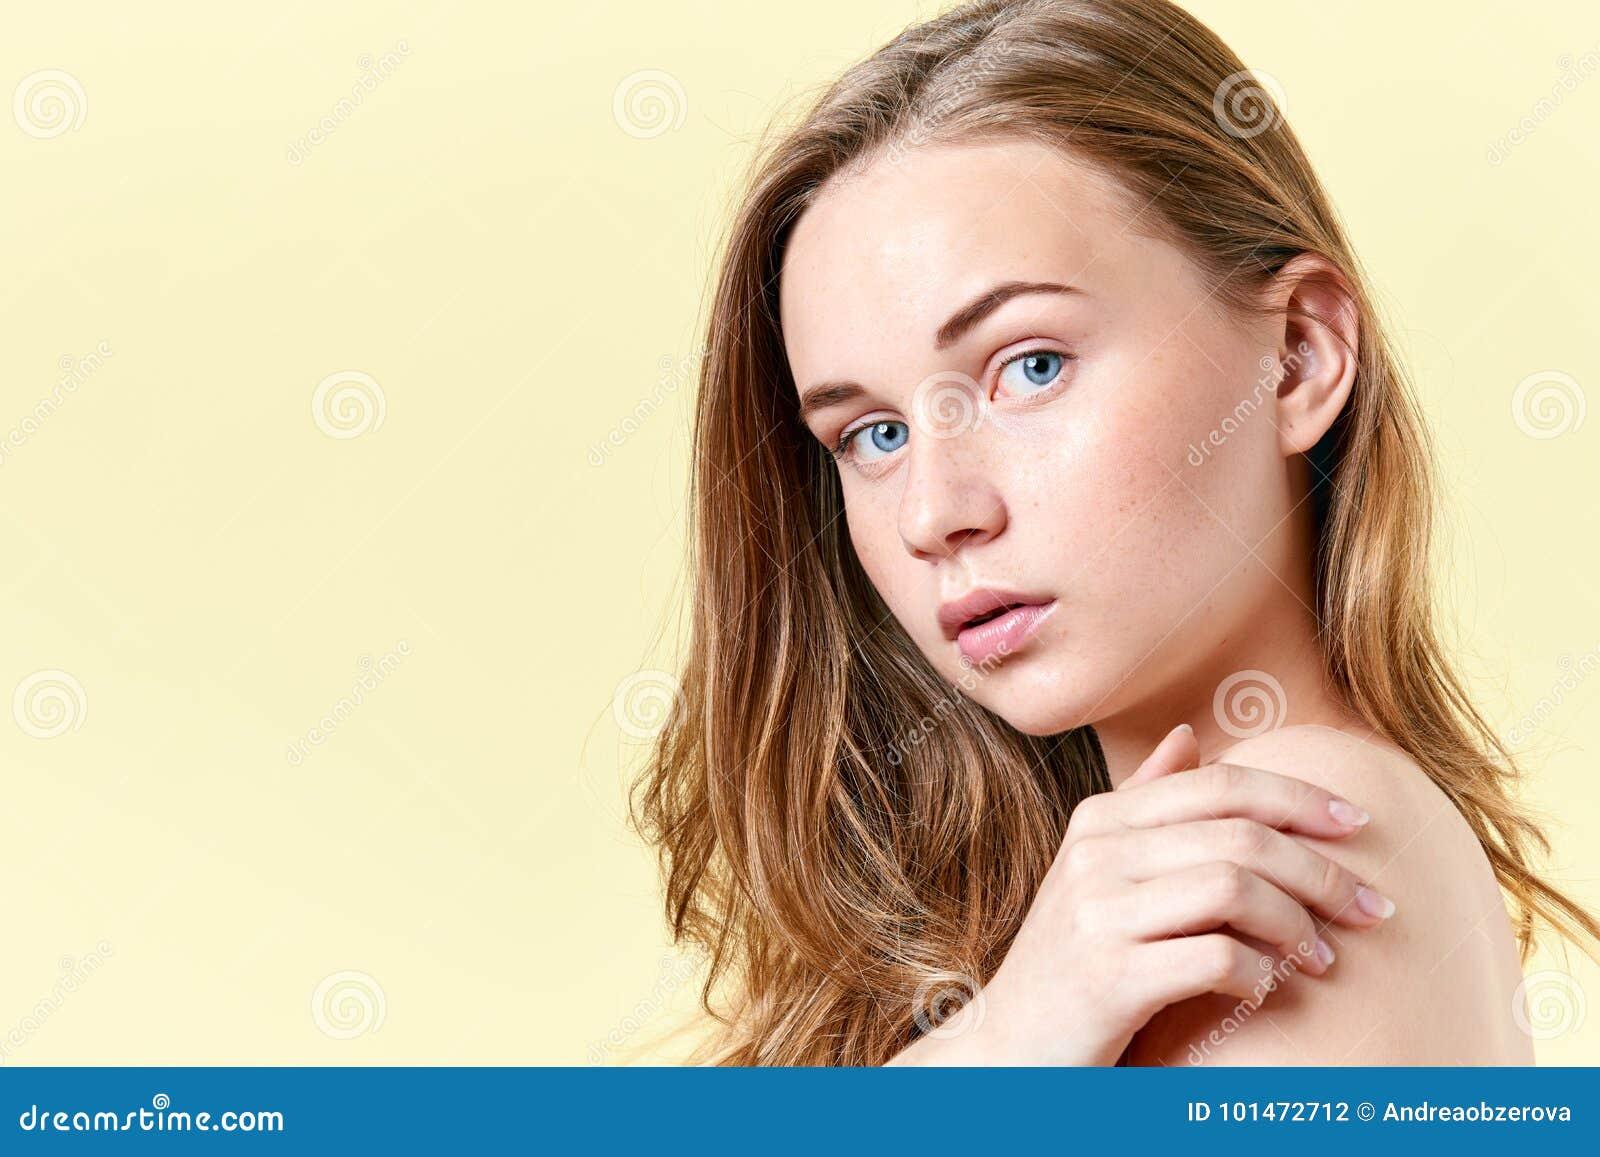 vit tonåring på svart dick